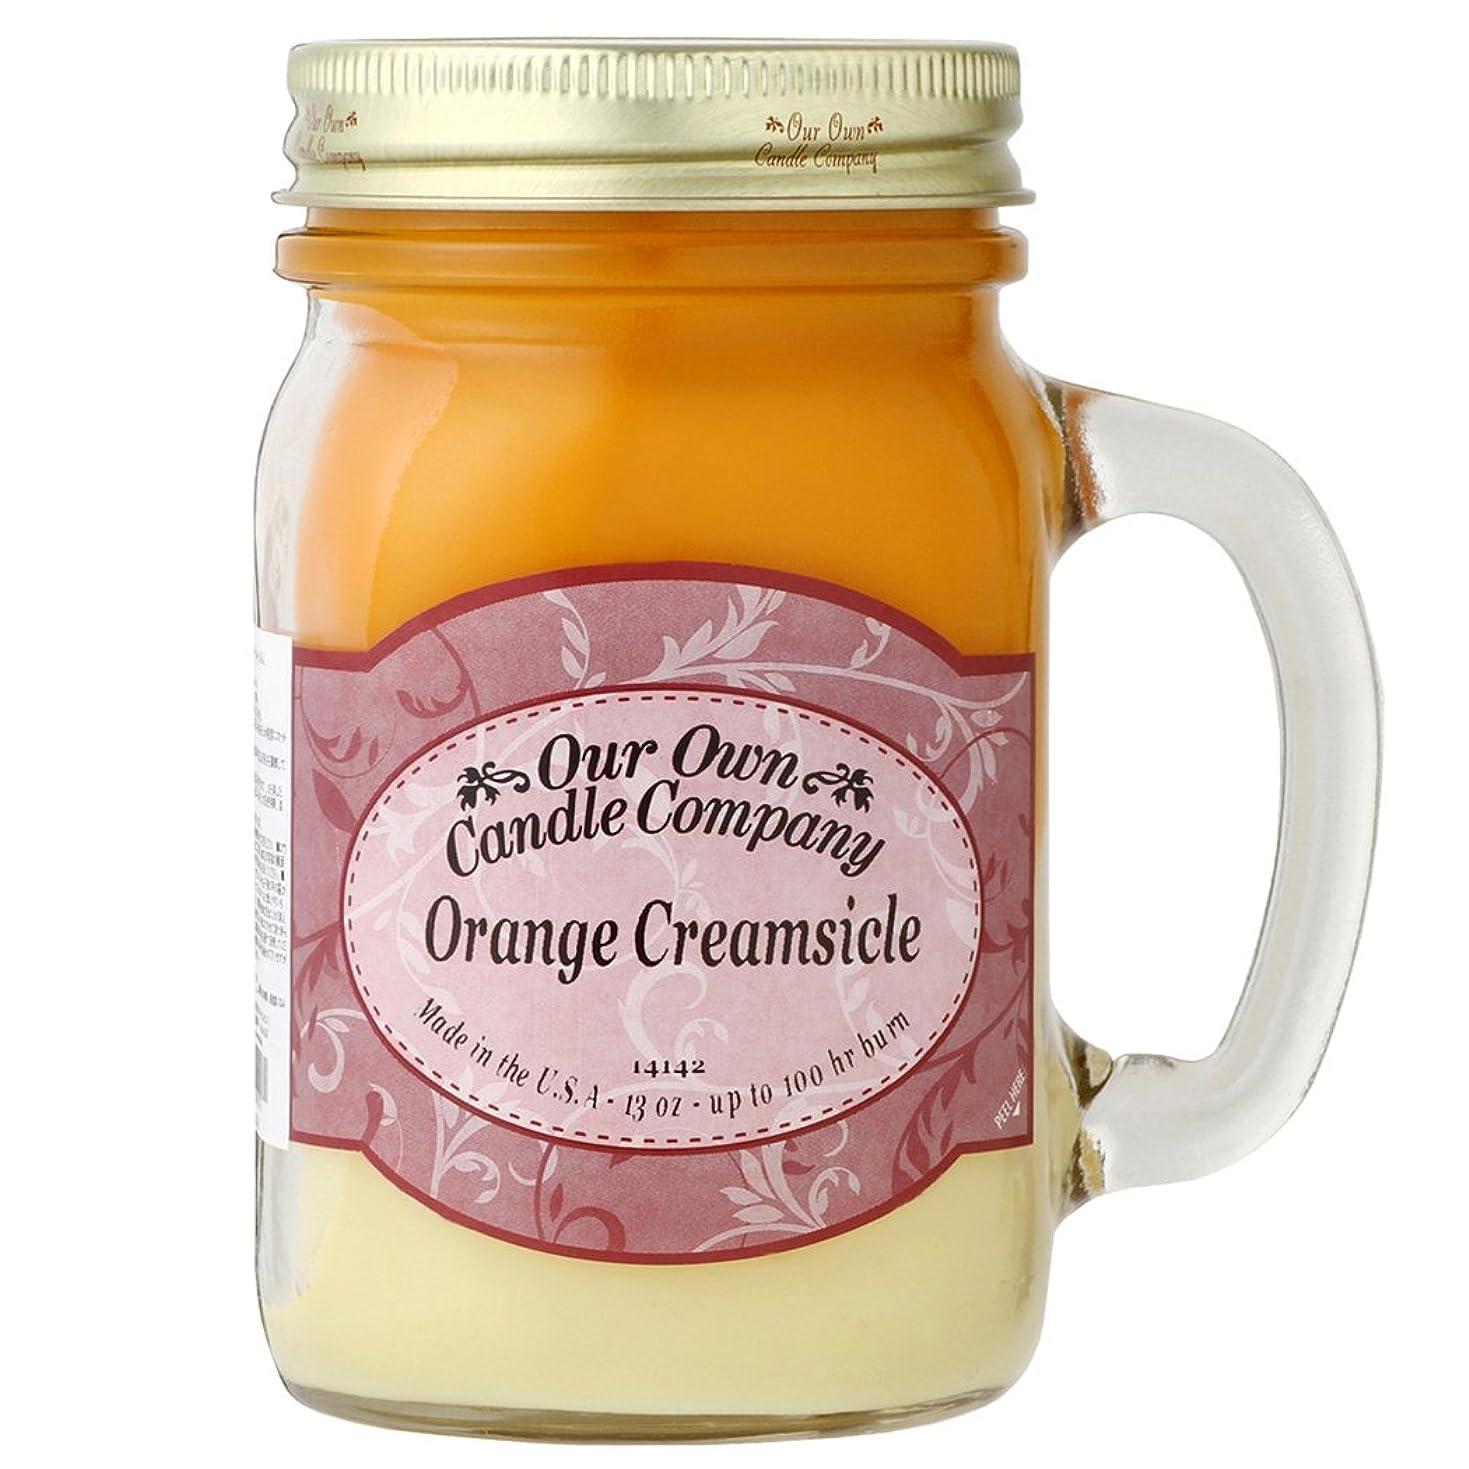 ゴミ反発ブラウンOur Own Candle Company メイソンジャーキャンドル ラージサイズ オレンジクリームシルク OU100085